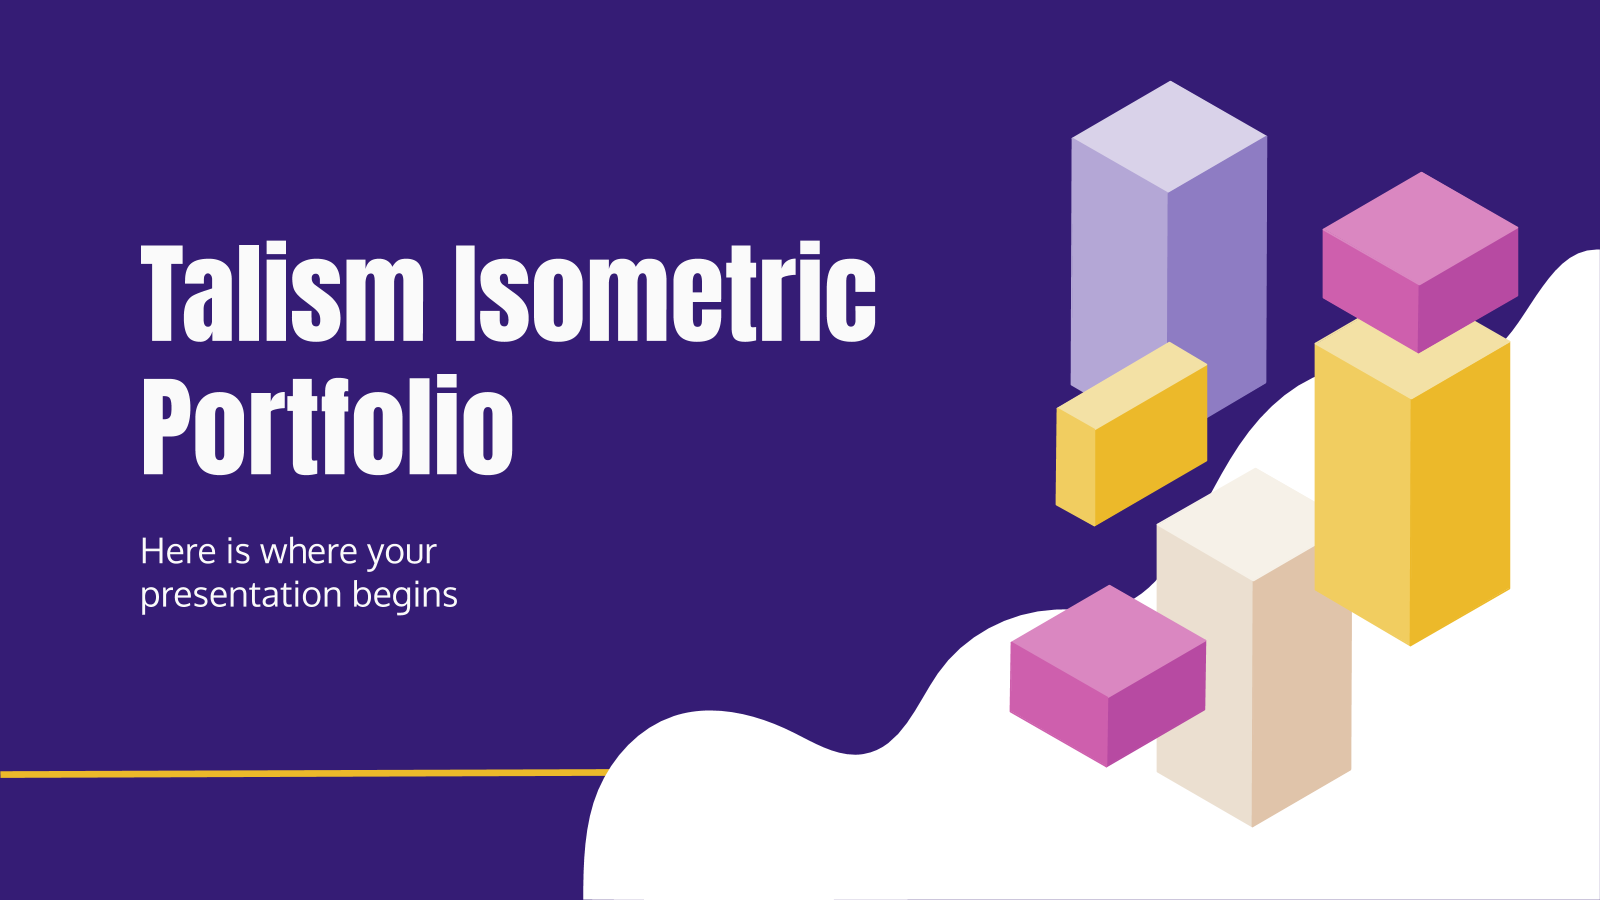 Portfolio isométrique Talism : Modèles de présentation